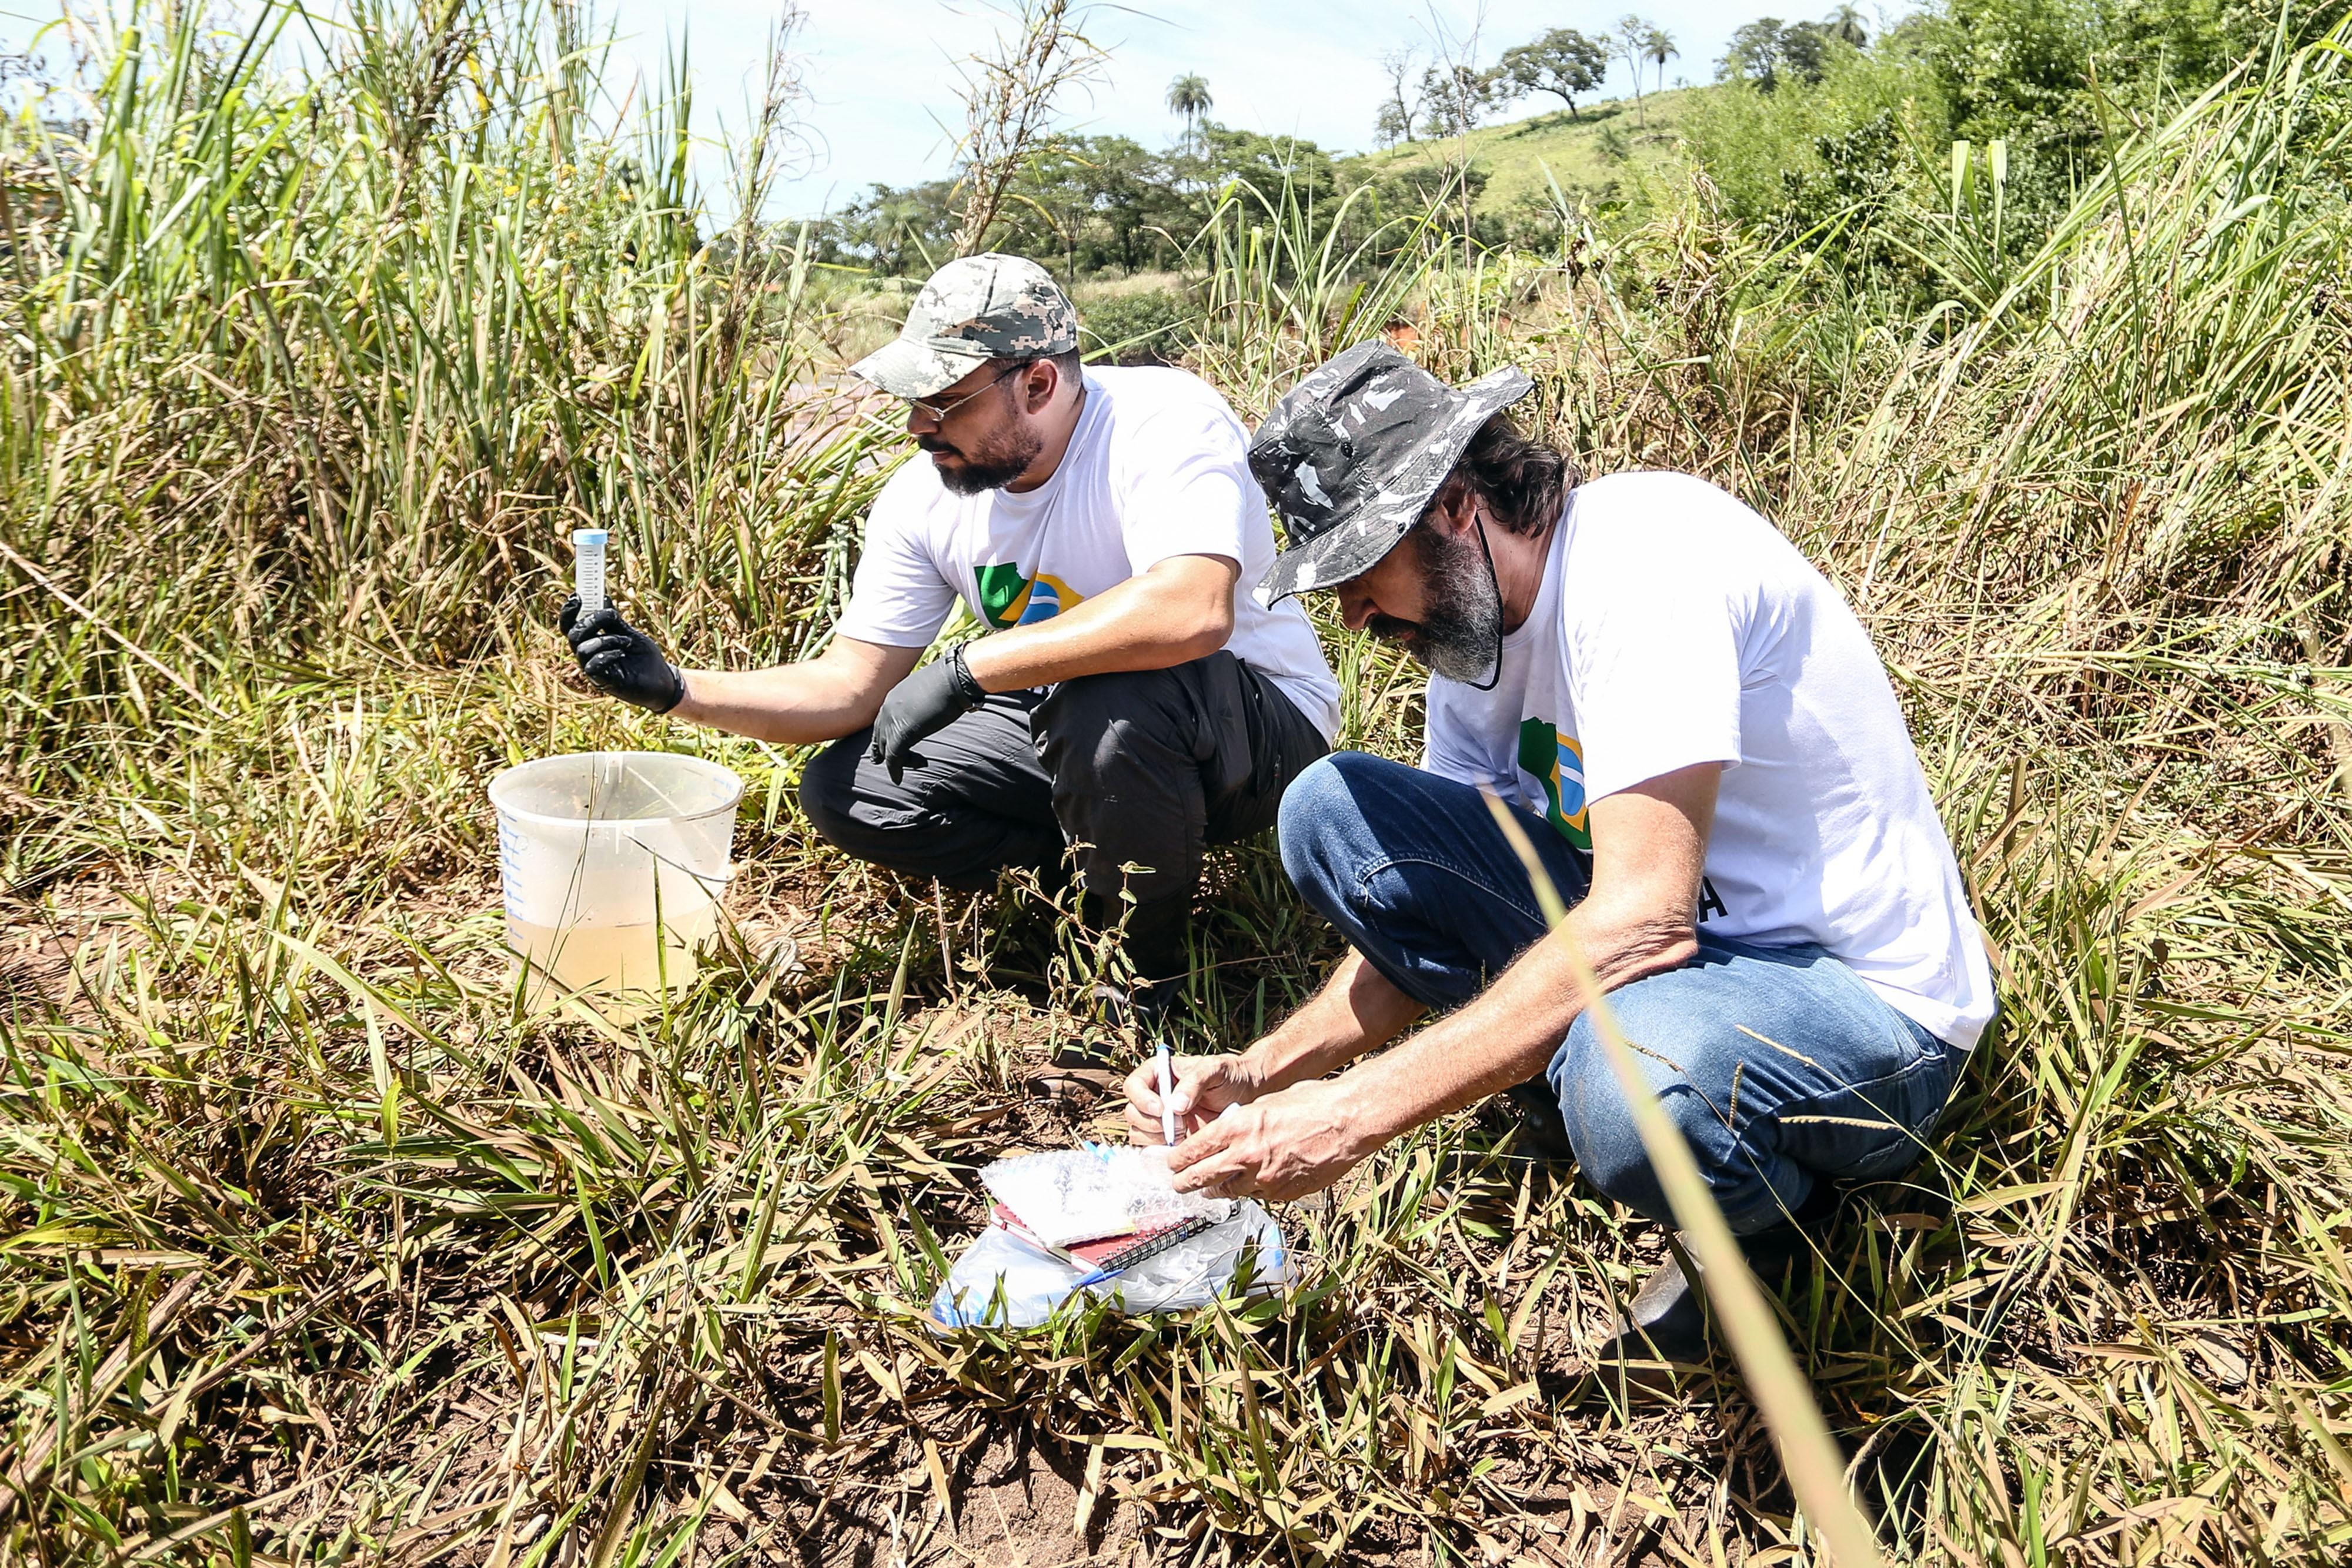 4 especialistas compõem o grupo para a expedição pelo rio Paraopeba (Foto: Gaspar Nóbrega/ SOS Mata Atlântica.)